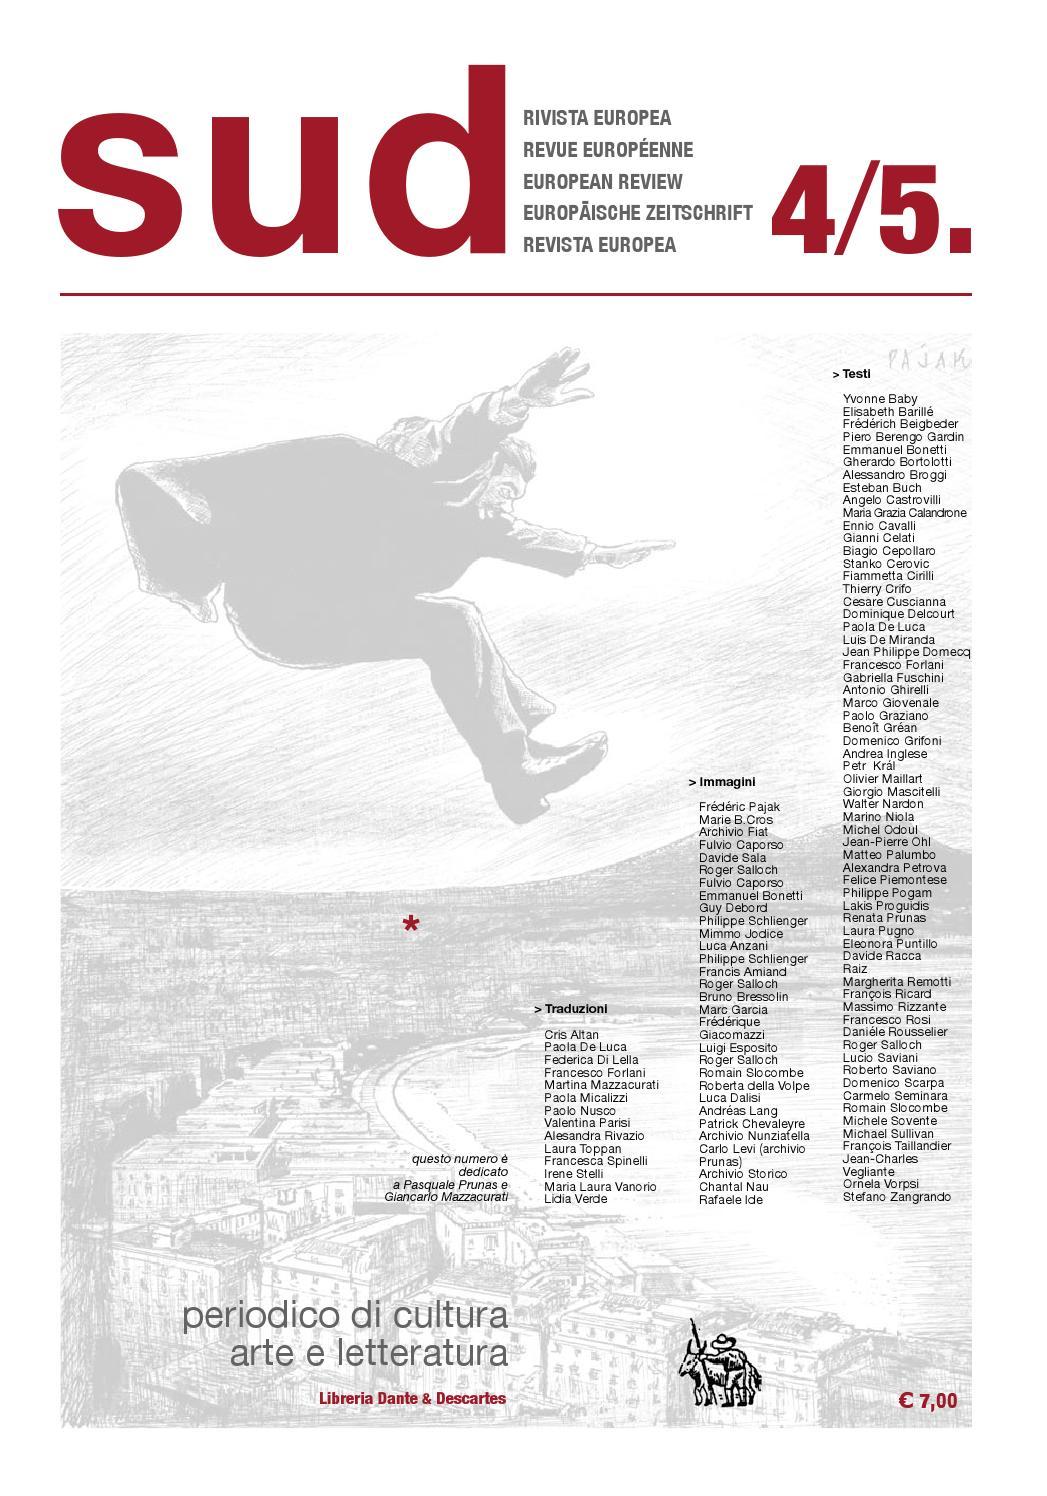 Sud 04 05 by francesco forlani - issuu 30a0e4cbba6